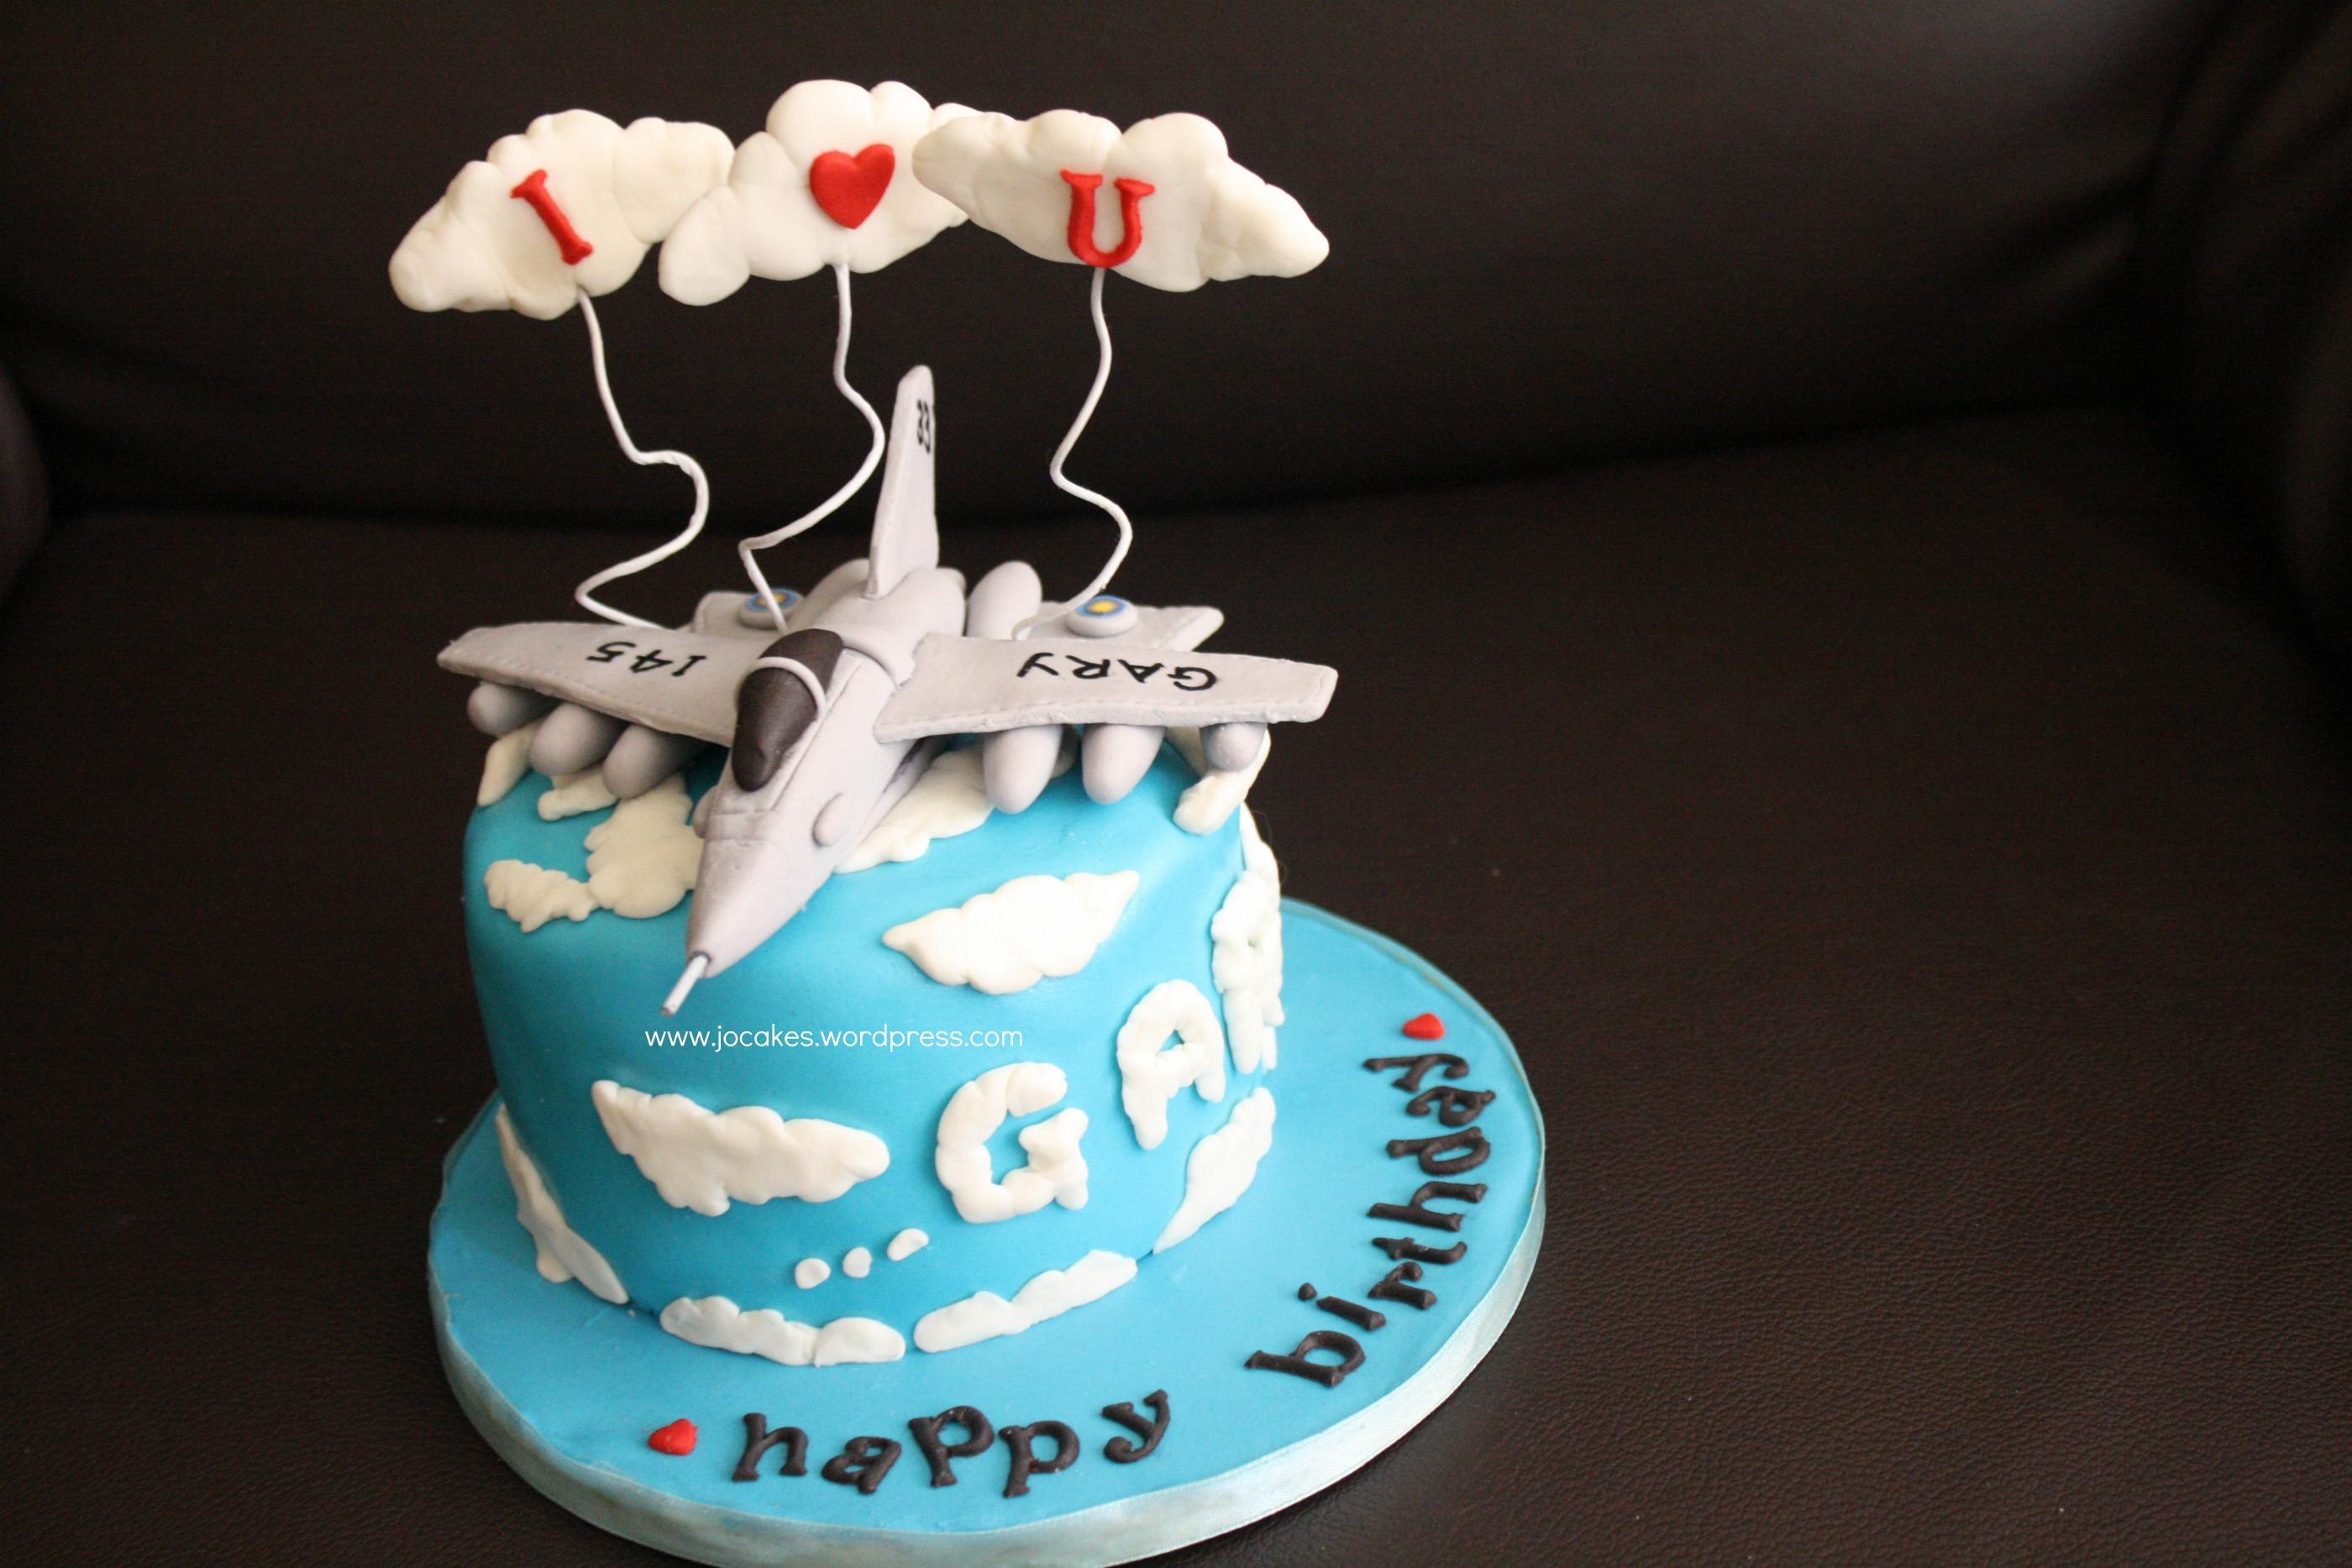 Jet Fighter Cake For Hubby Jocakes